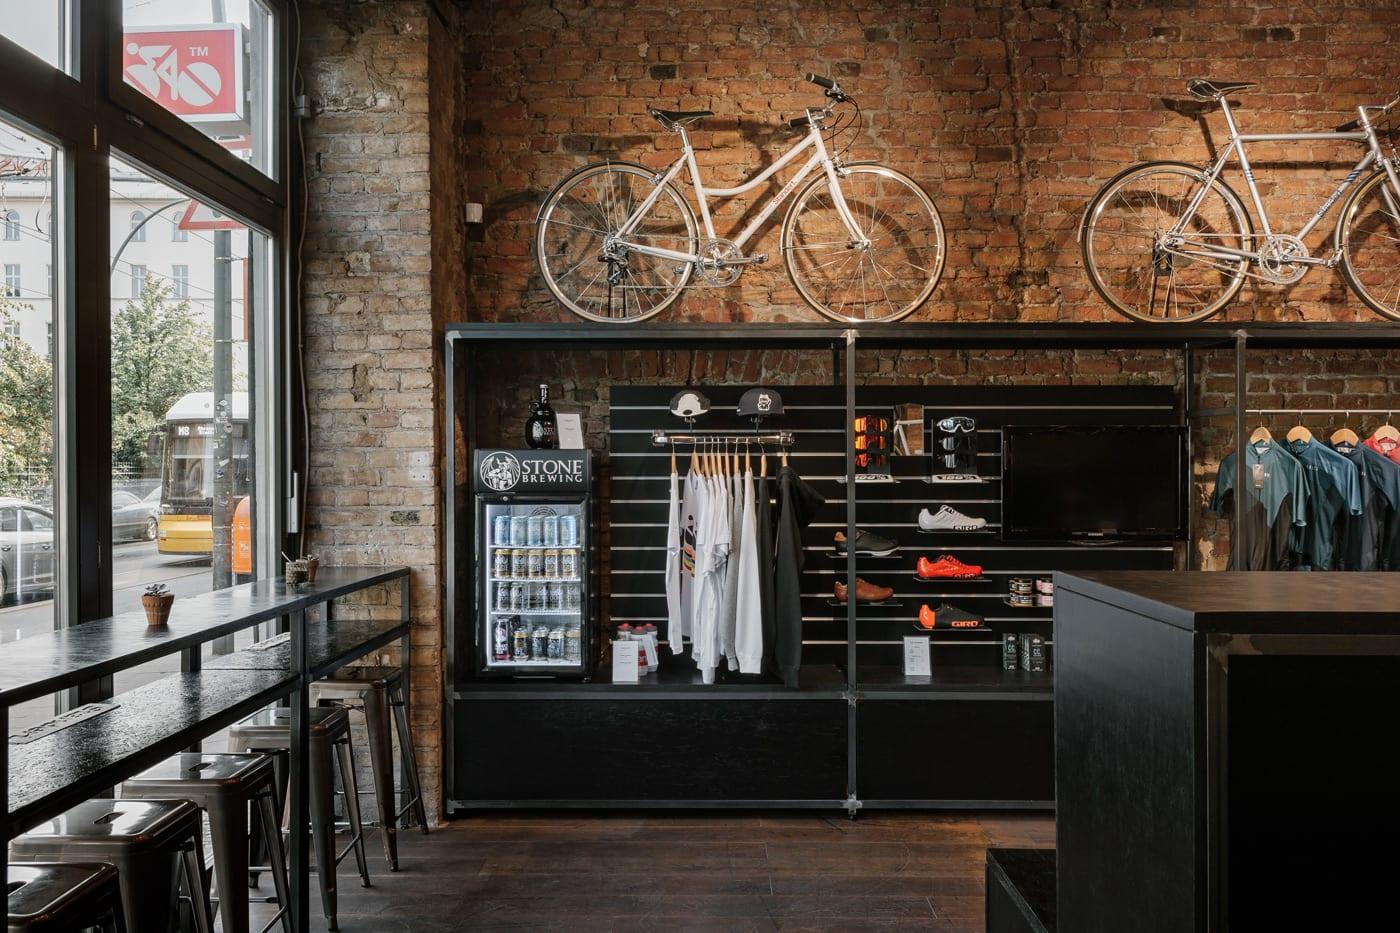 Standert Fahrradladen in Berlin